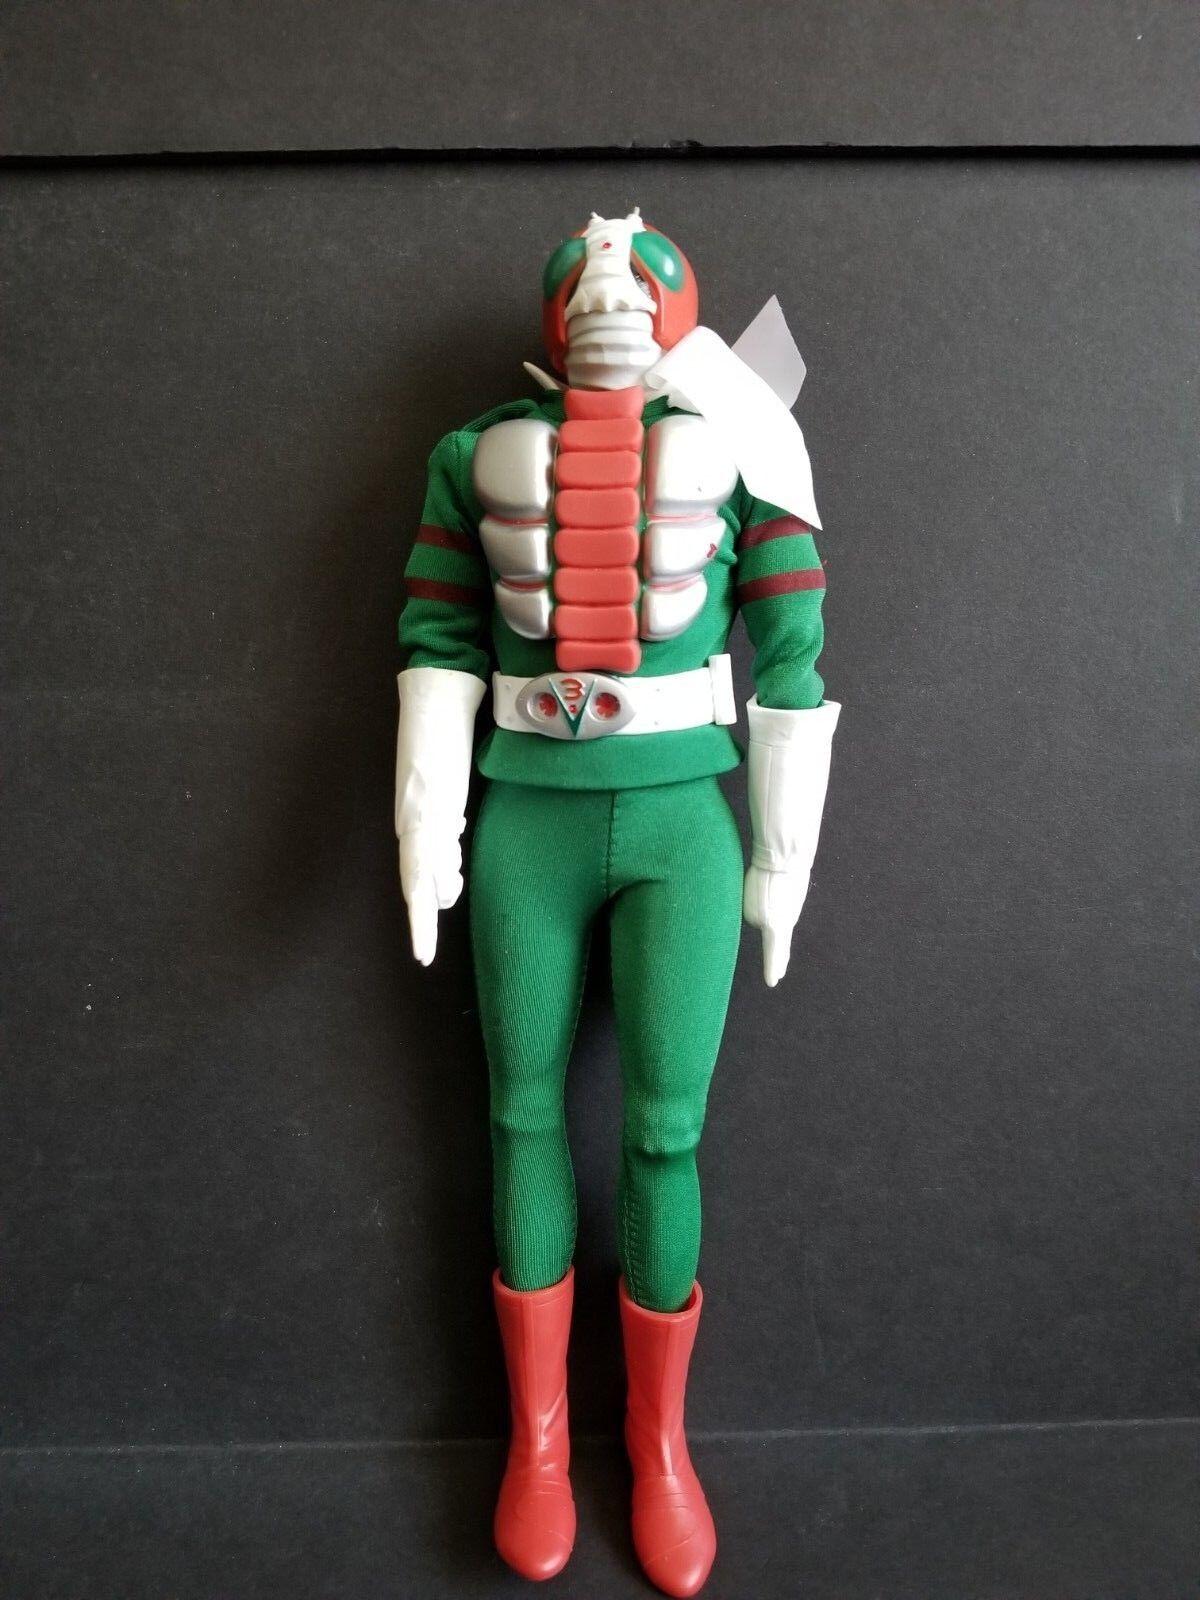 Medicom Toy  Masked Kamen Rider V3 Action Figure 12  (1990's)